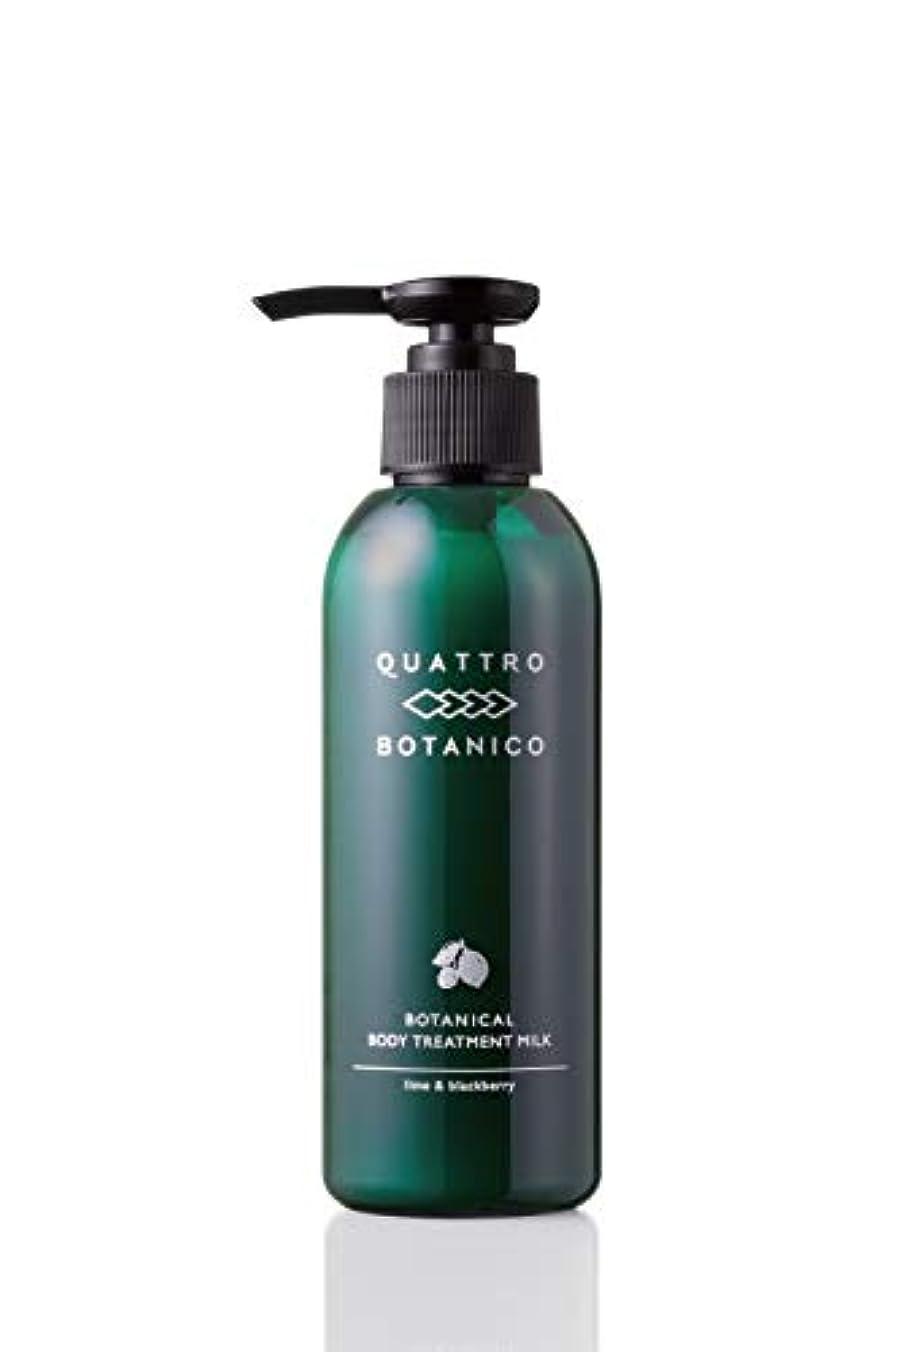 サバント相対サイズ南方のクワトロボタニコ (QUATTRO BOTANICO) 【 ボディクリーム 】ボタニカル ボディ トリートメント ミルク (ポンプ式)かさつく肌の保湿に お風呂上がりに 180mL 約2ヶ月分?